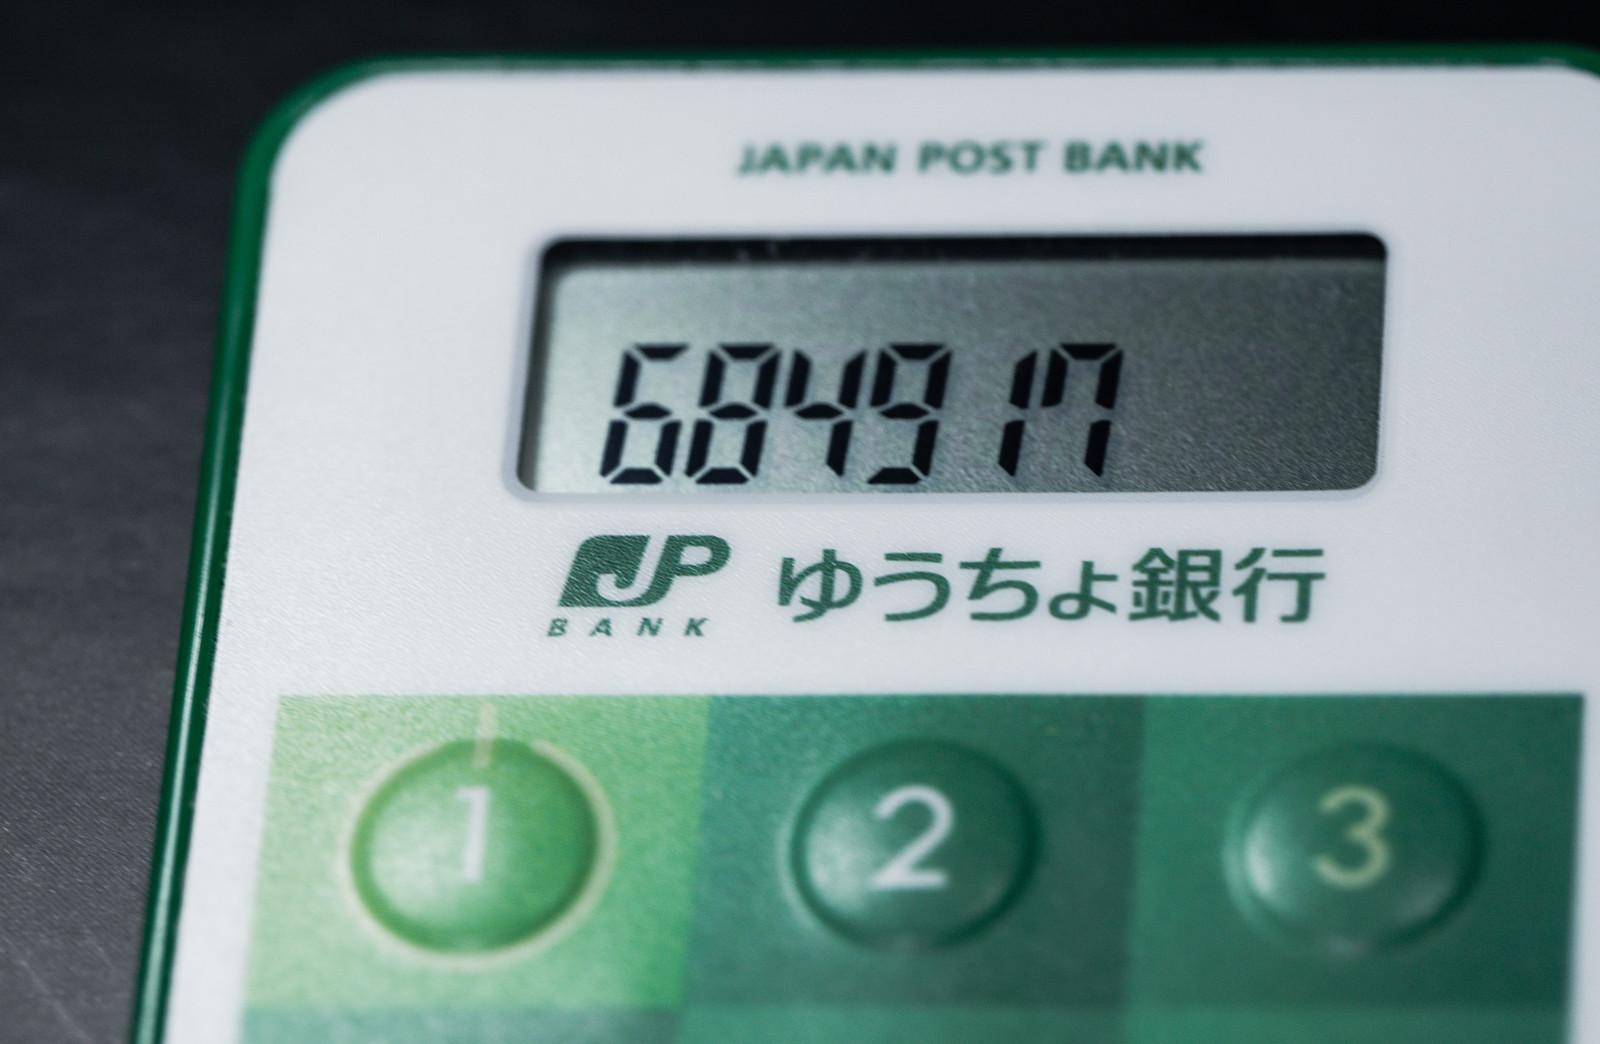 ゆうちょ銀行のセキュリティ認証の画像